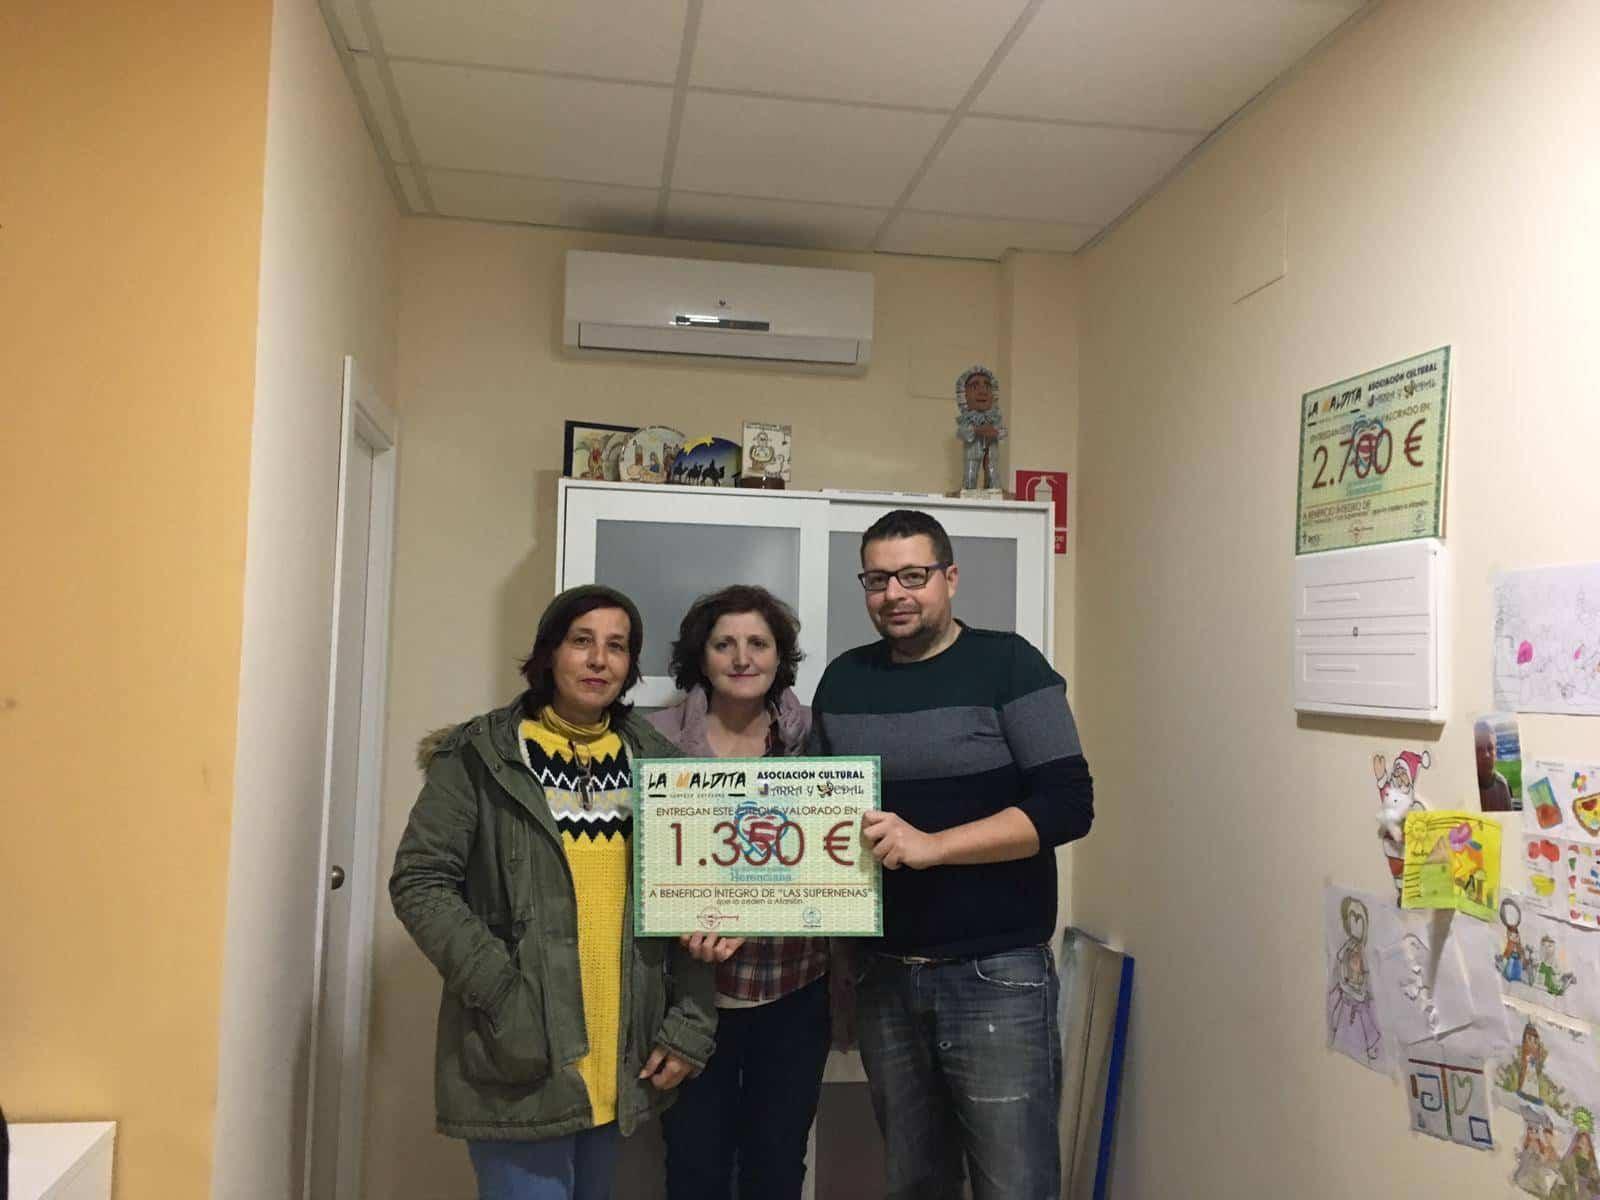 Jarra y Pedal entrega del donativo solidario a Las Supernenas - Jarra y Pedal y La Maldita entregan el dinero de la San Silvestre a Las Supernenas y a la AECC